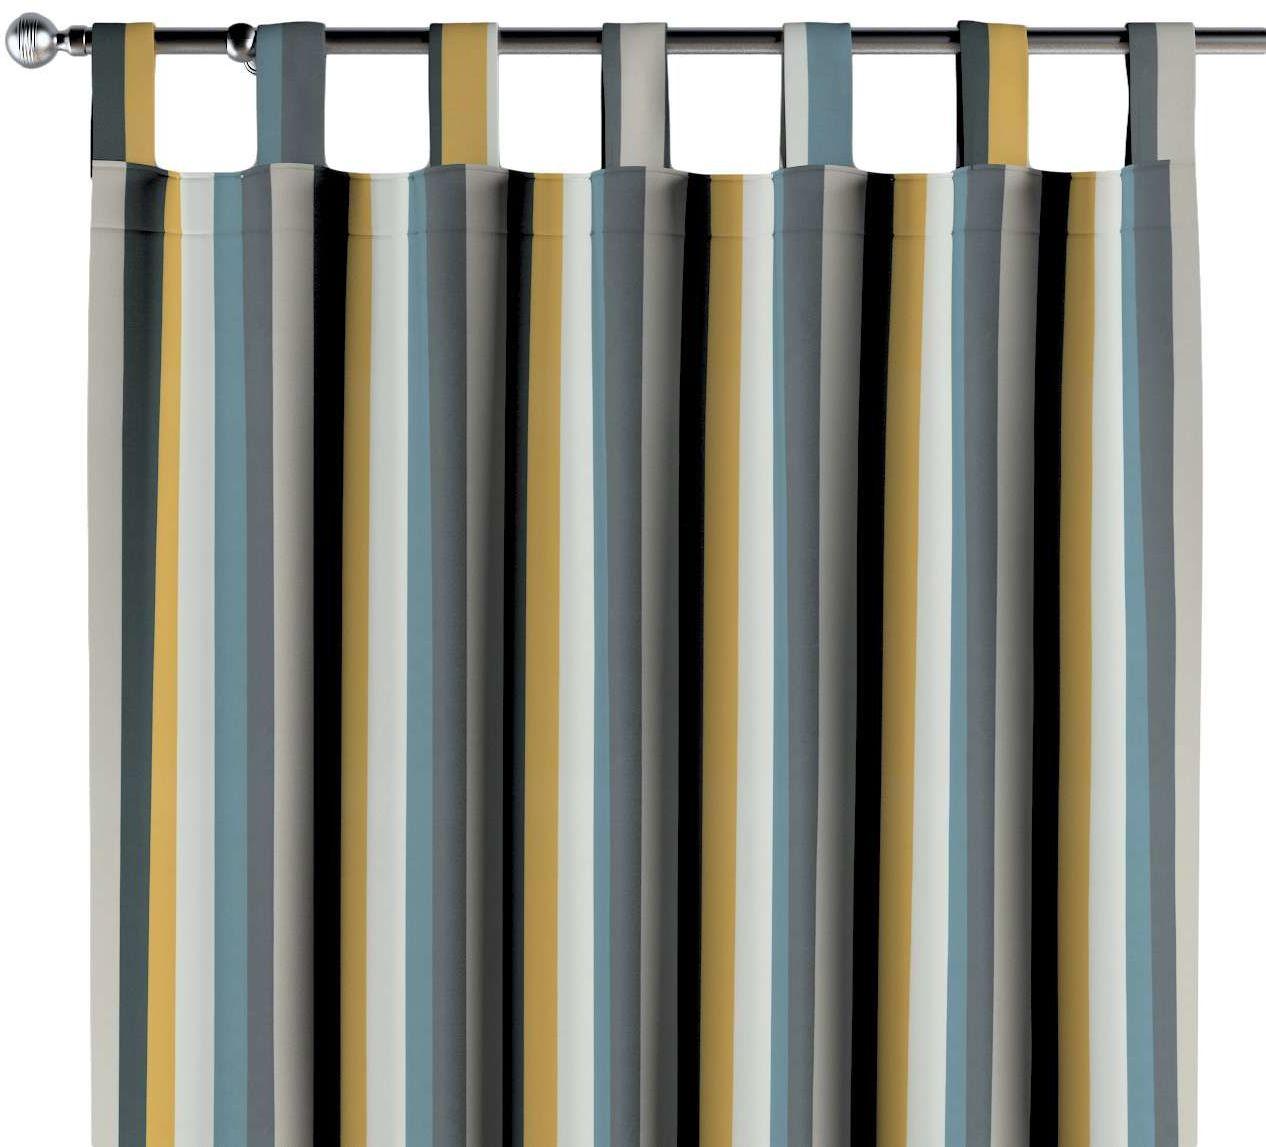 Zasłona na szelkach 1 szt., kolorowe pasy w niebiesko-żółto-szarej kolorystyce, 1szt 130  260 cm, Vintage 70''s